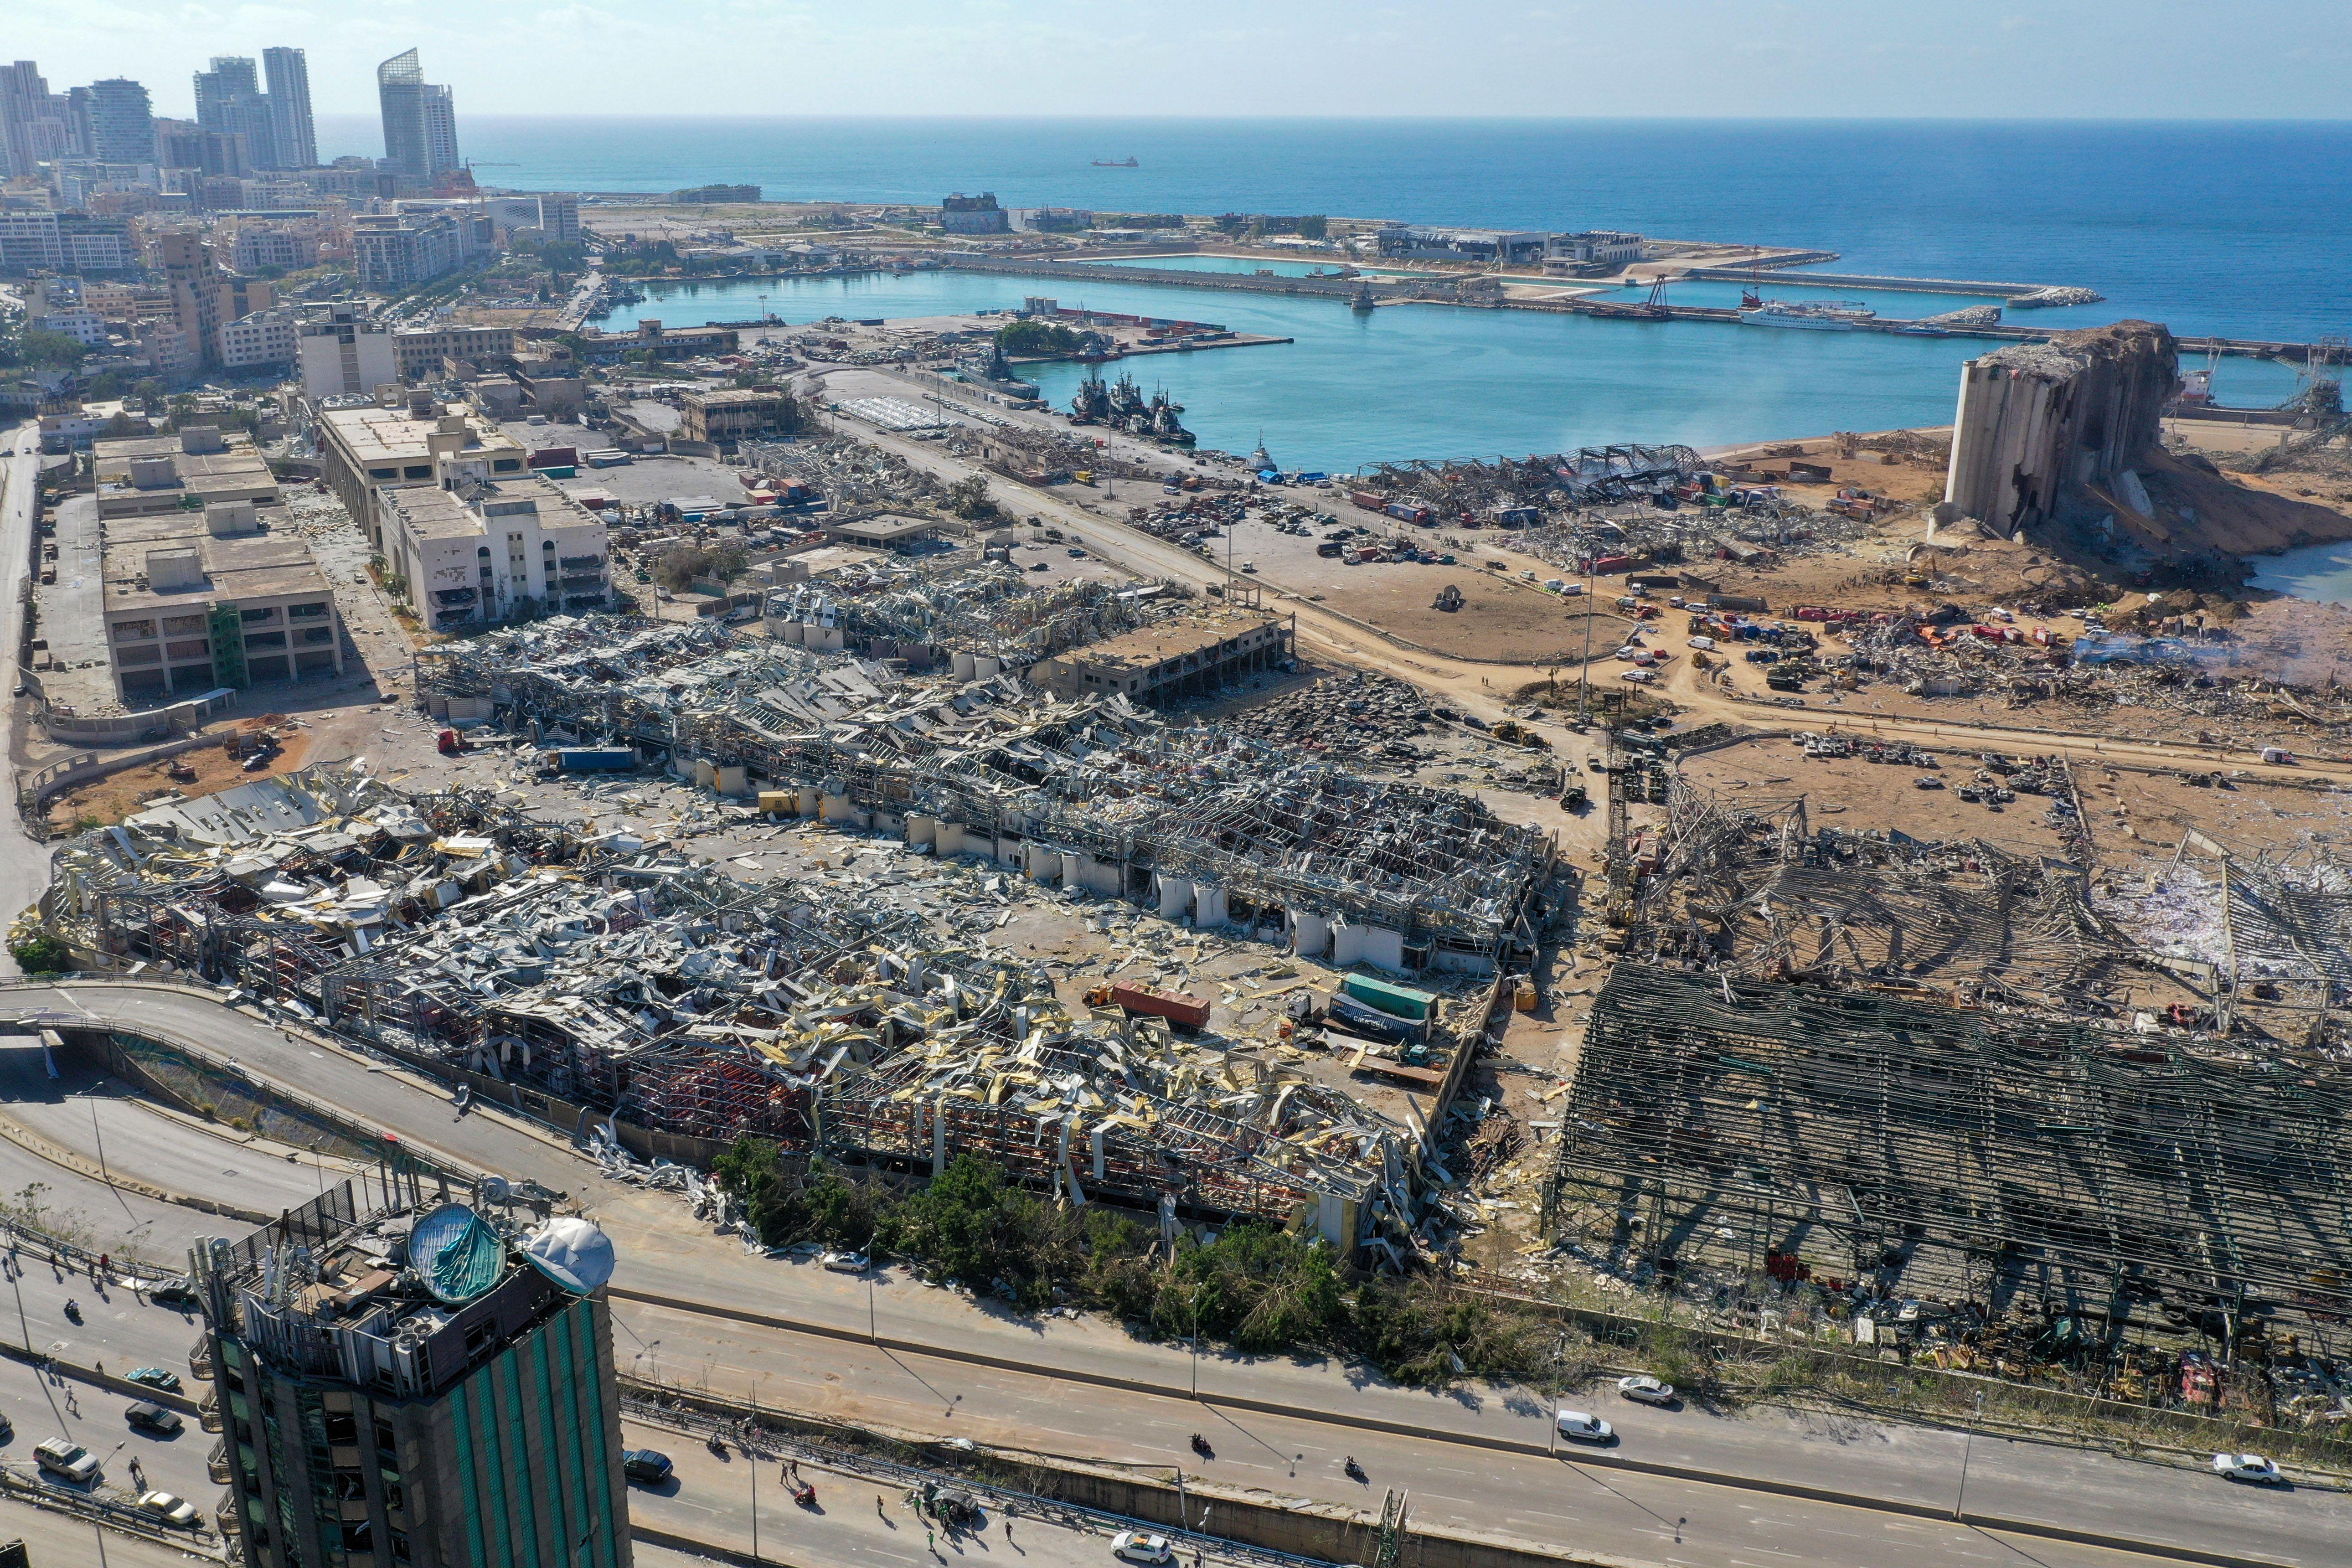 Hat hónapja figyelmeztettek, ha nem viszik el a 2750 tonna ammónium-nitrátot, felrobban egész Bejrút